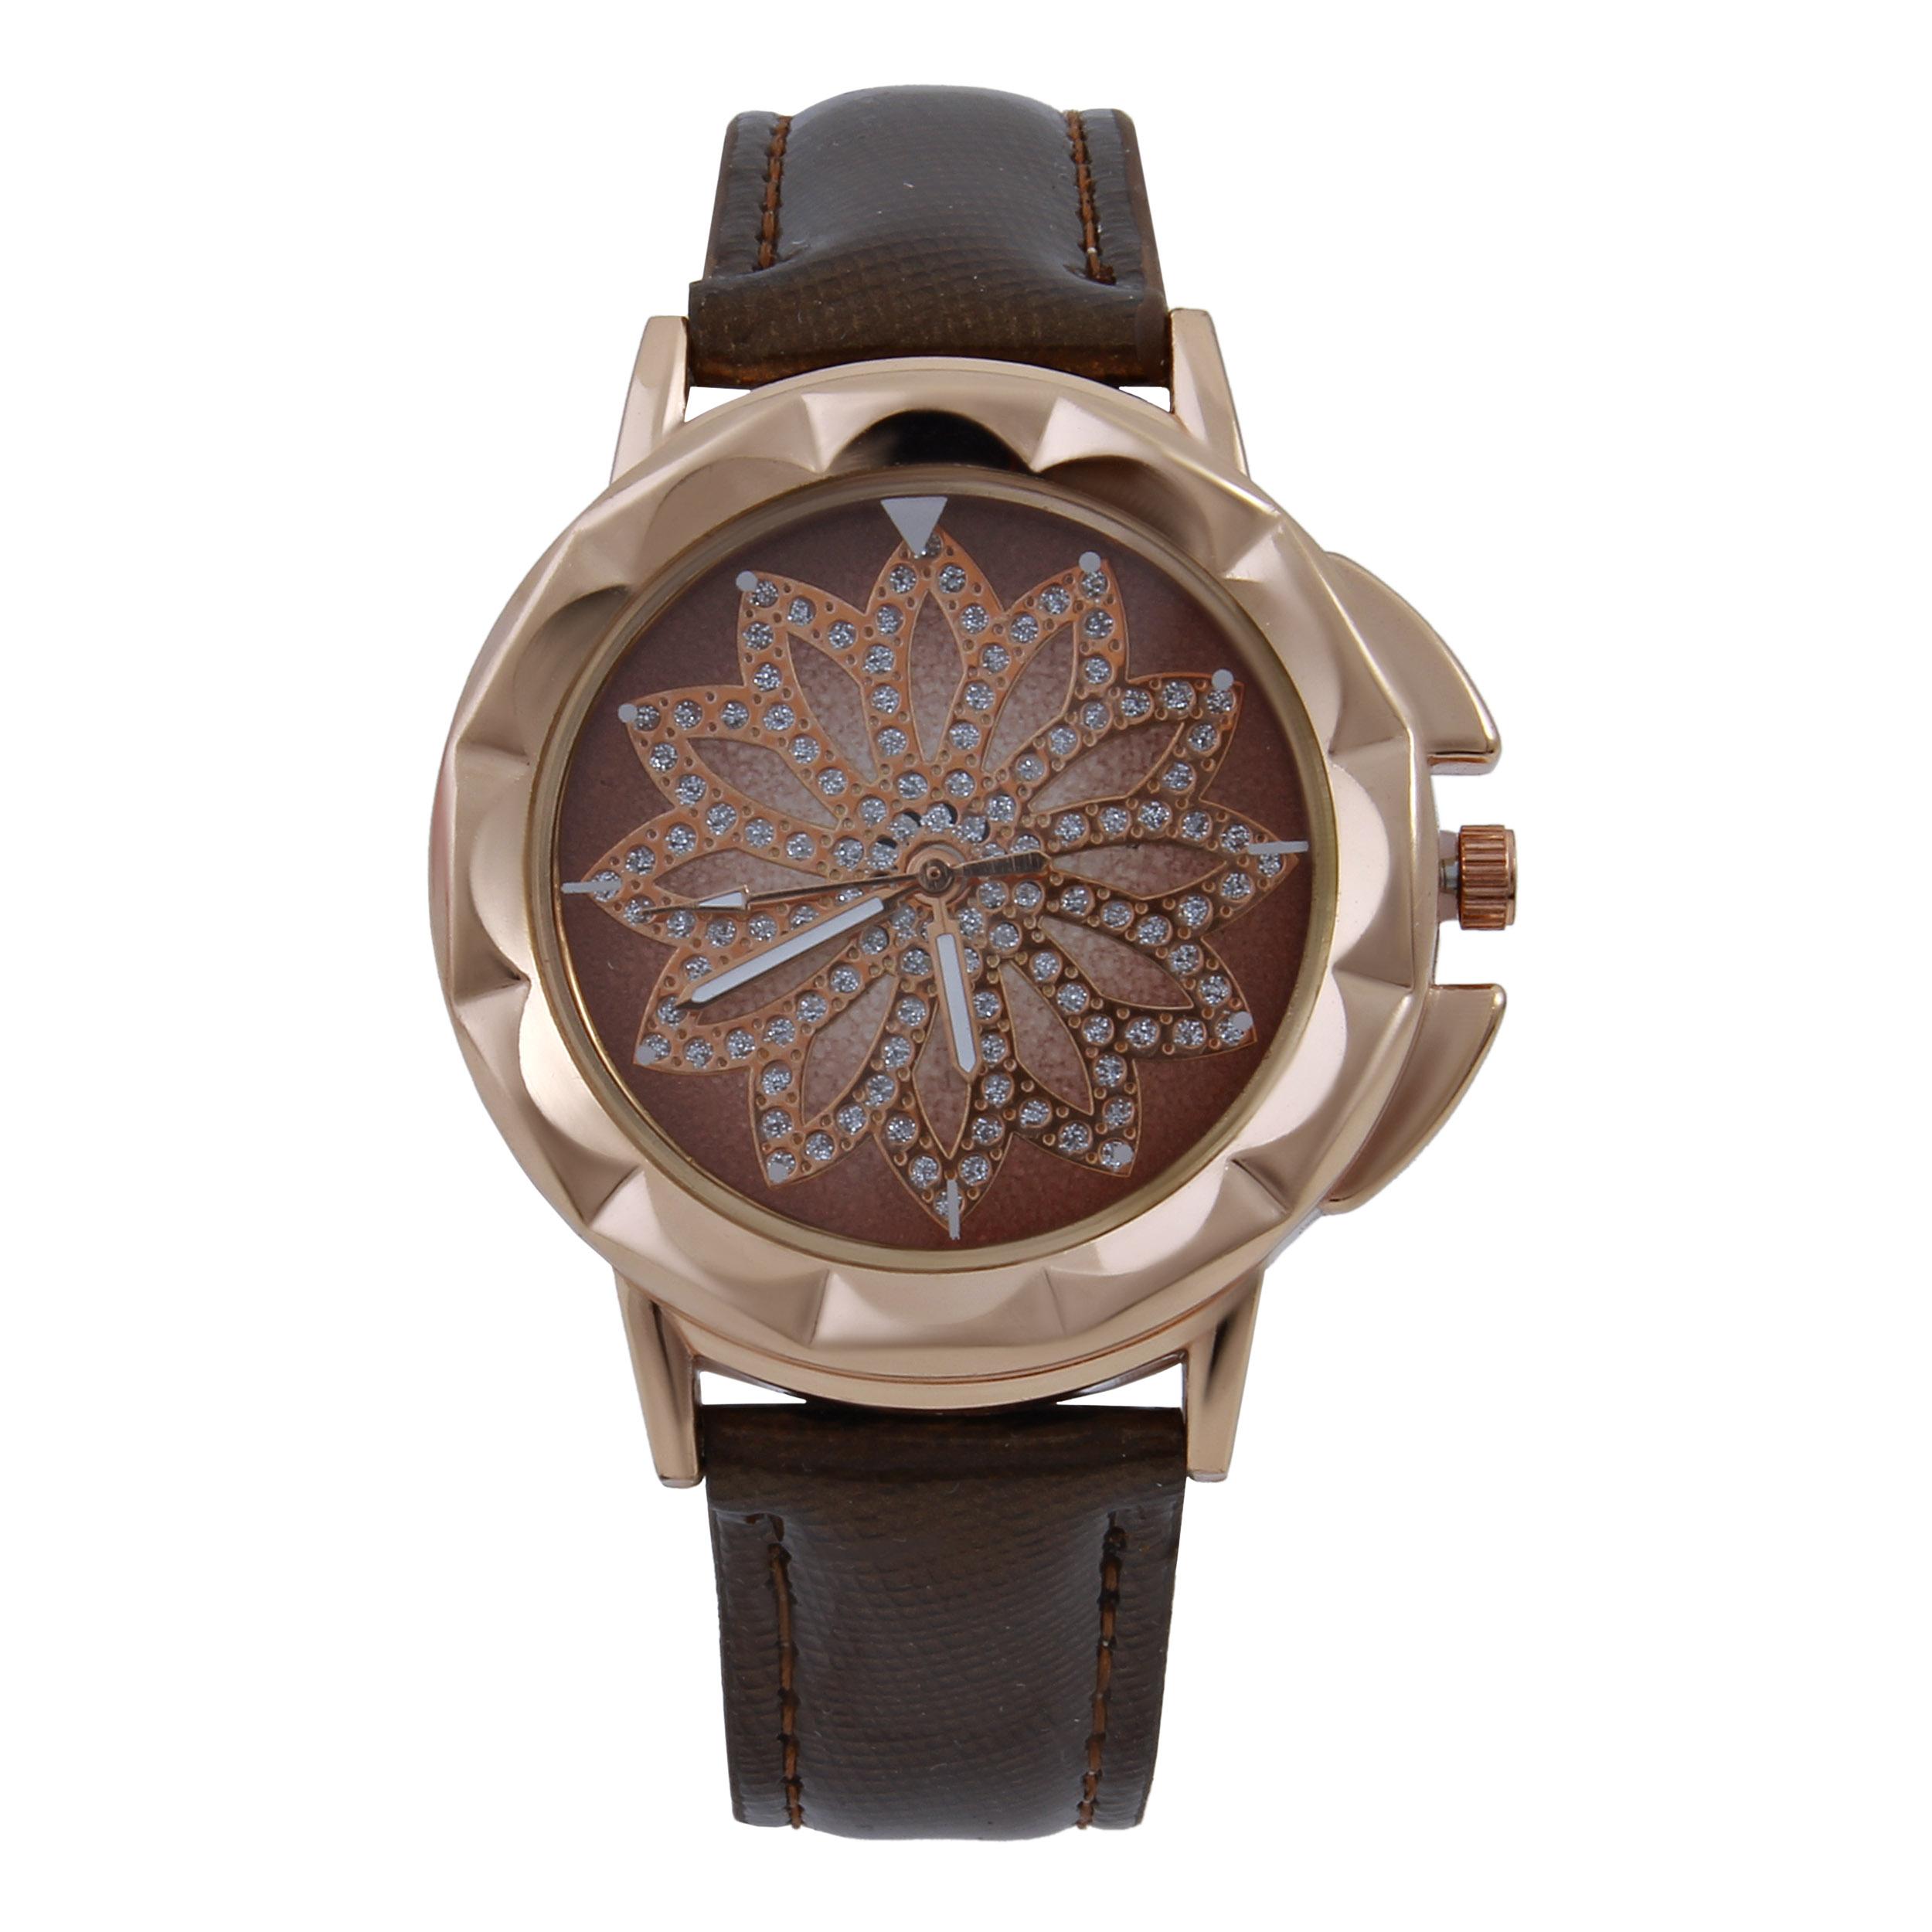 ساعت مچی عقربه ای زنانه کد WHW-089              خرید (⭐️⭐️⭐️)